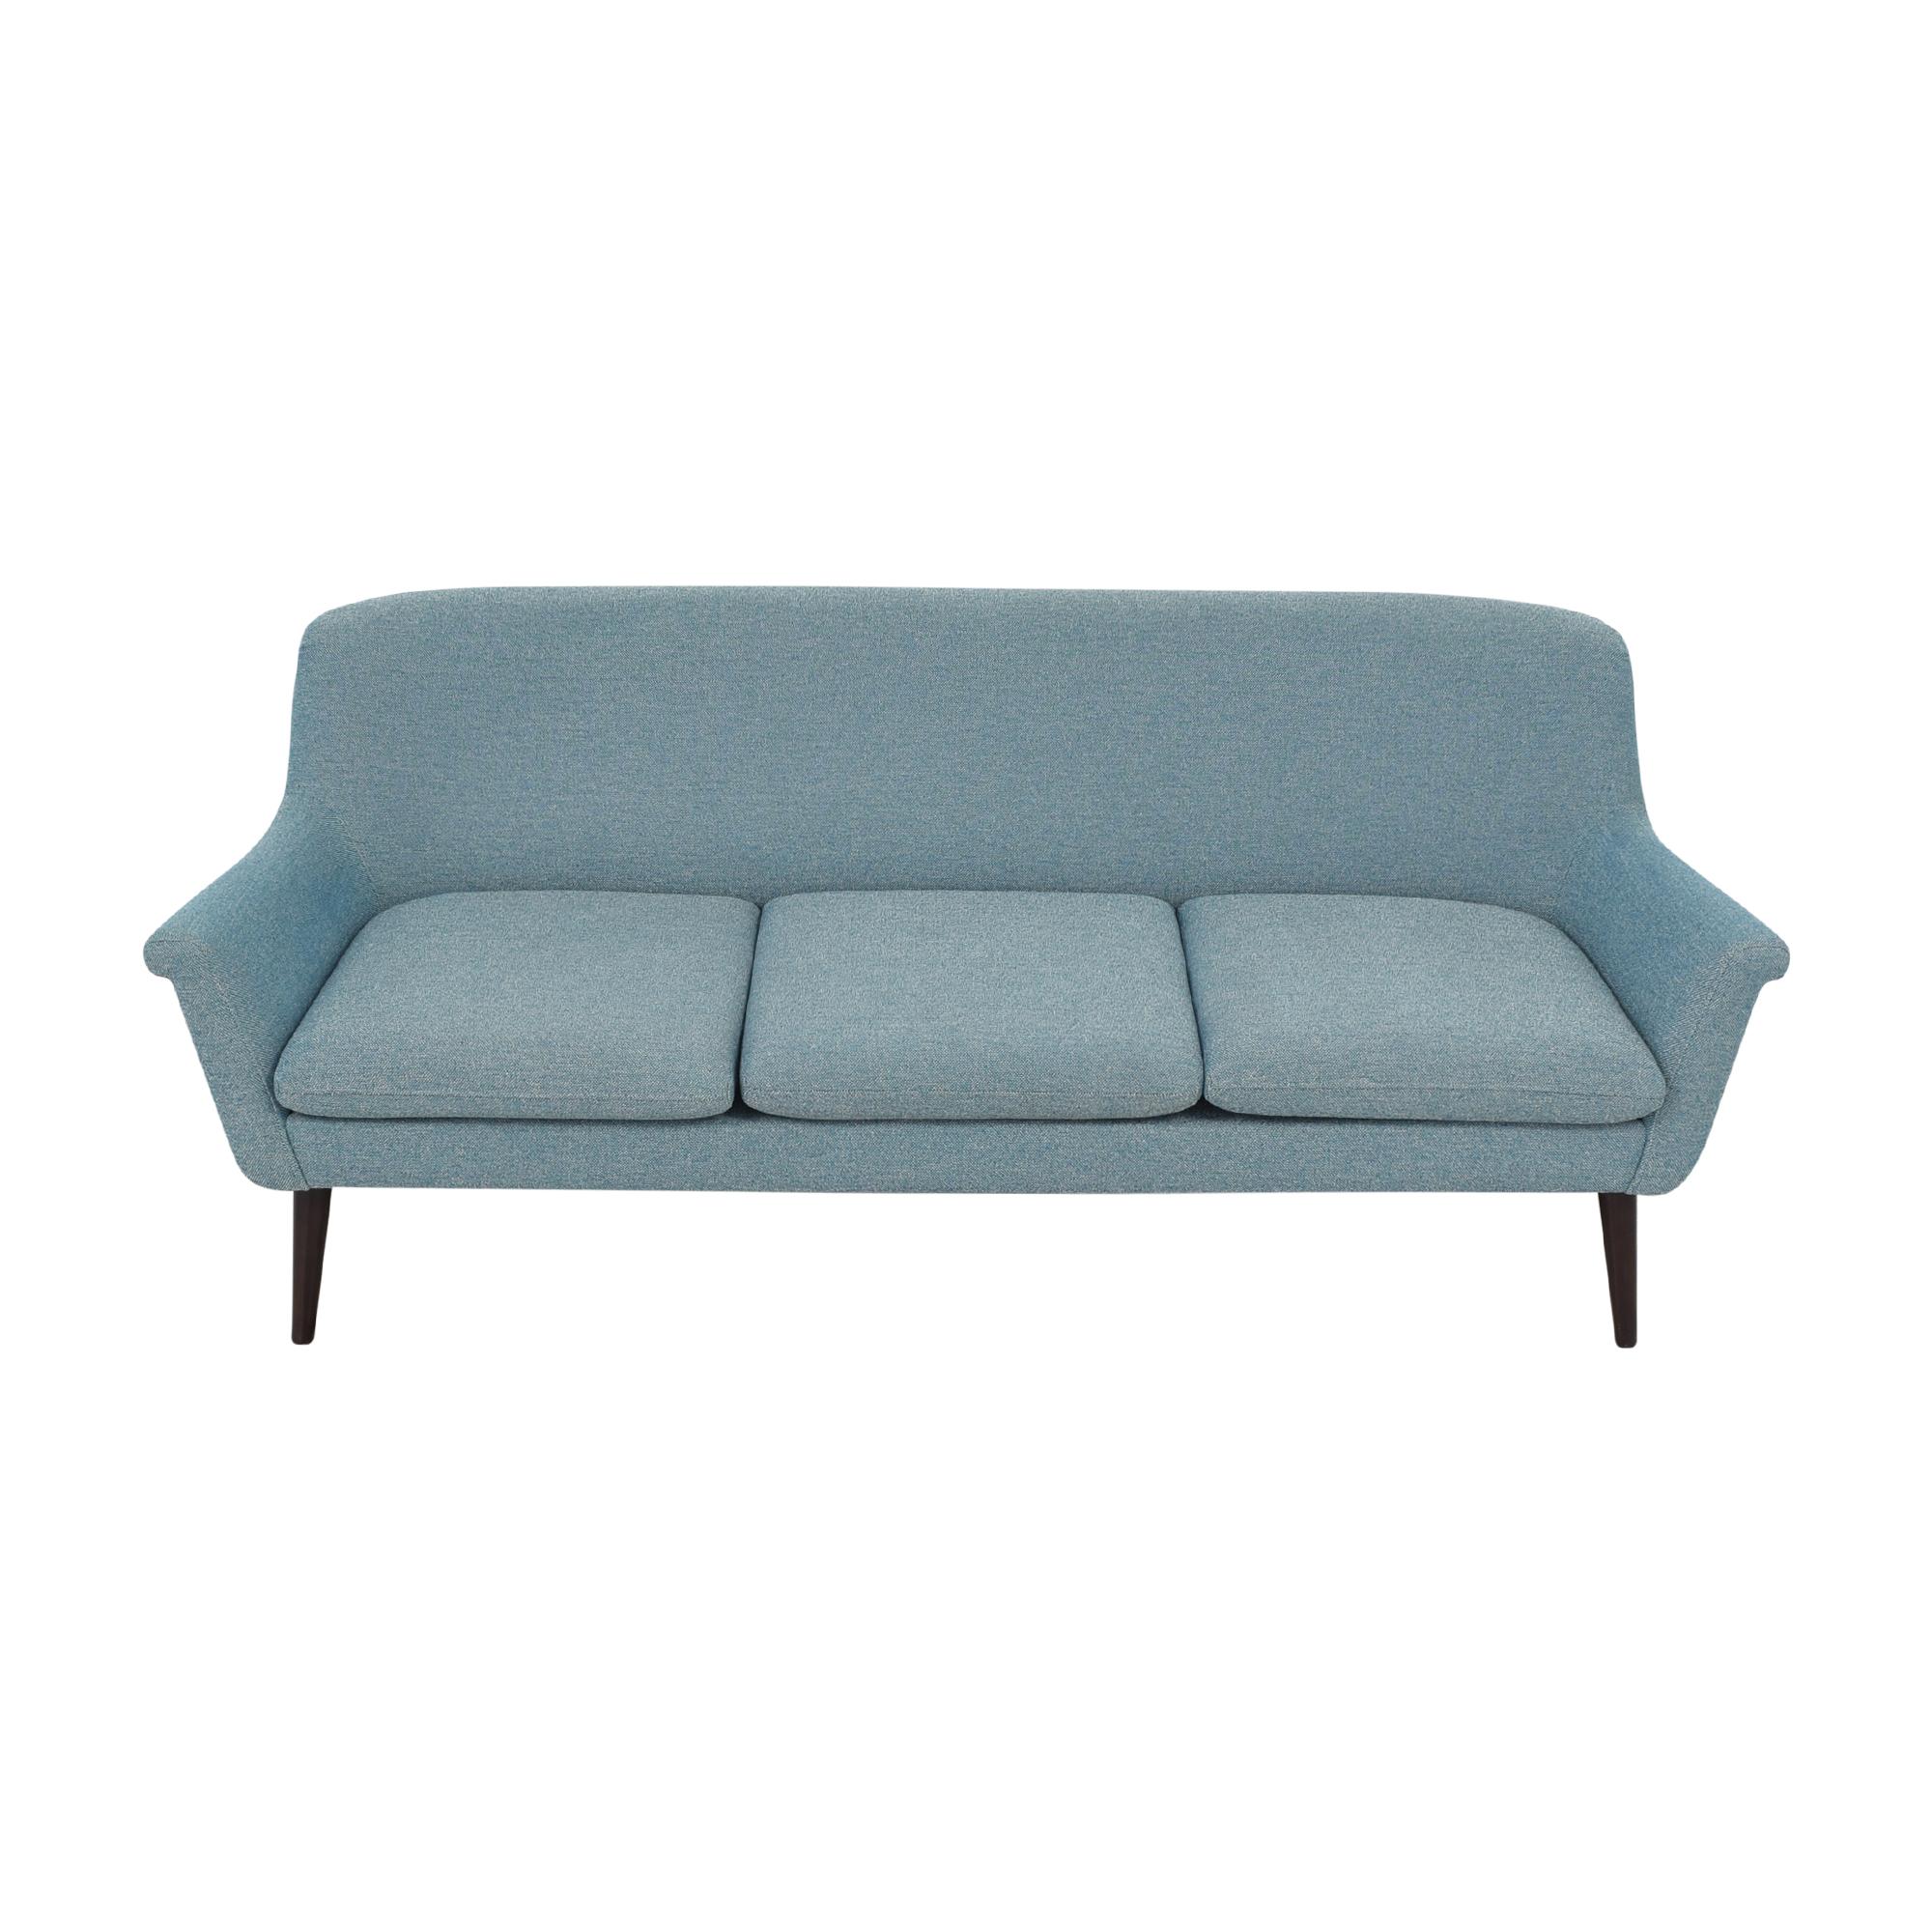 Room & Board Room & Board Murphy Custom Sofa